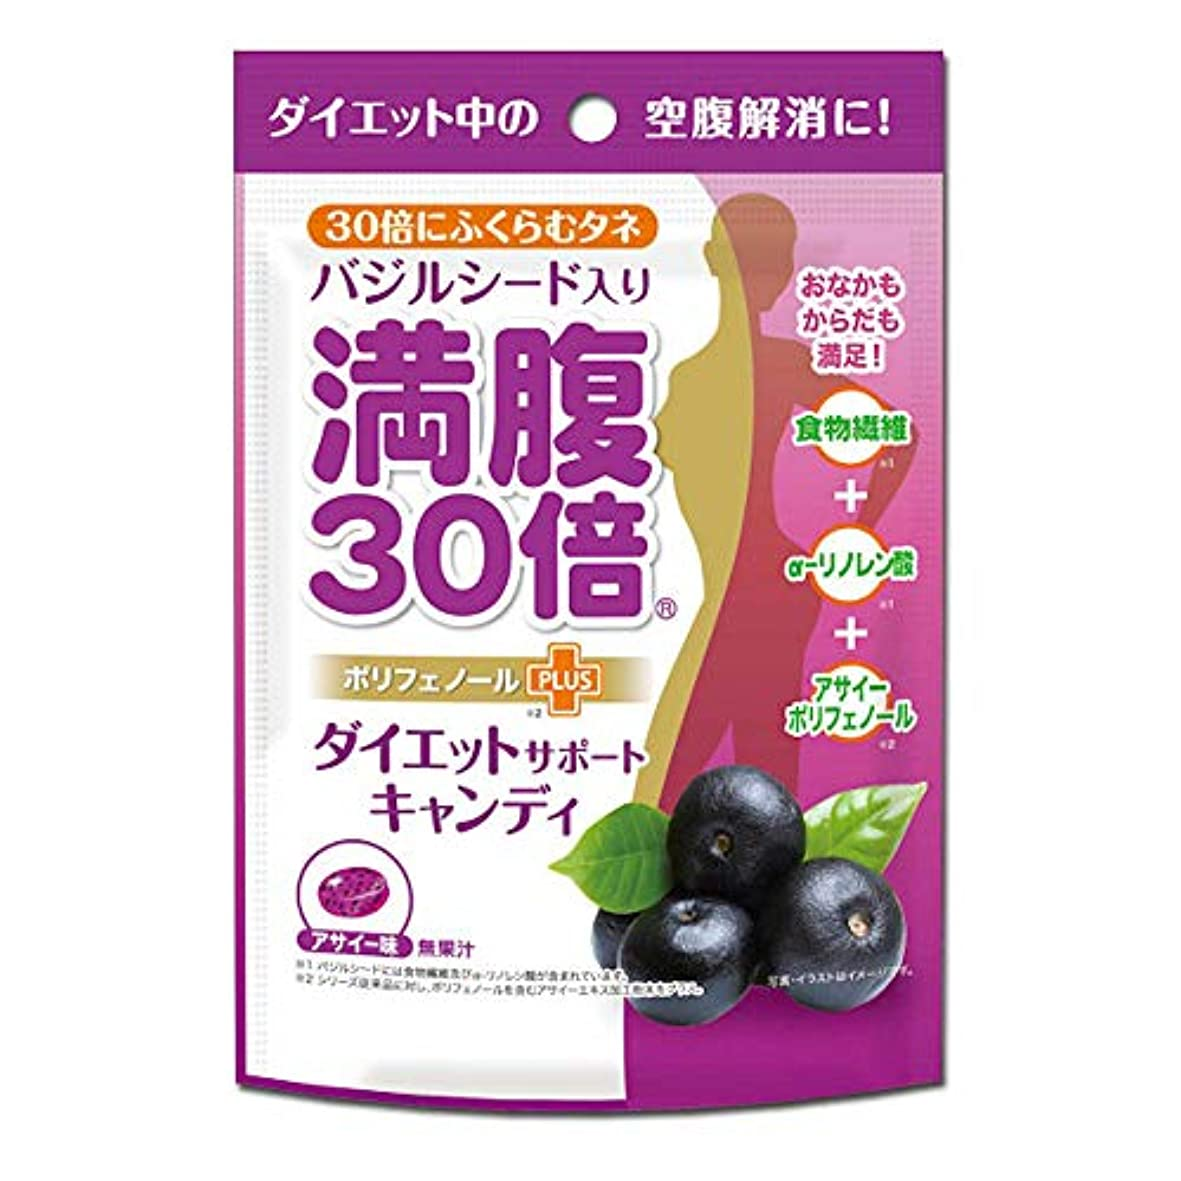 花瓶折注入満腹30倍 ダイエットサポートキャンディ アサイー味 42g 約11粒入